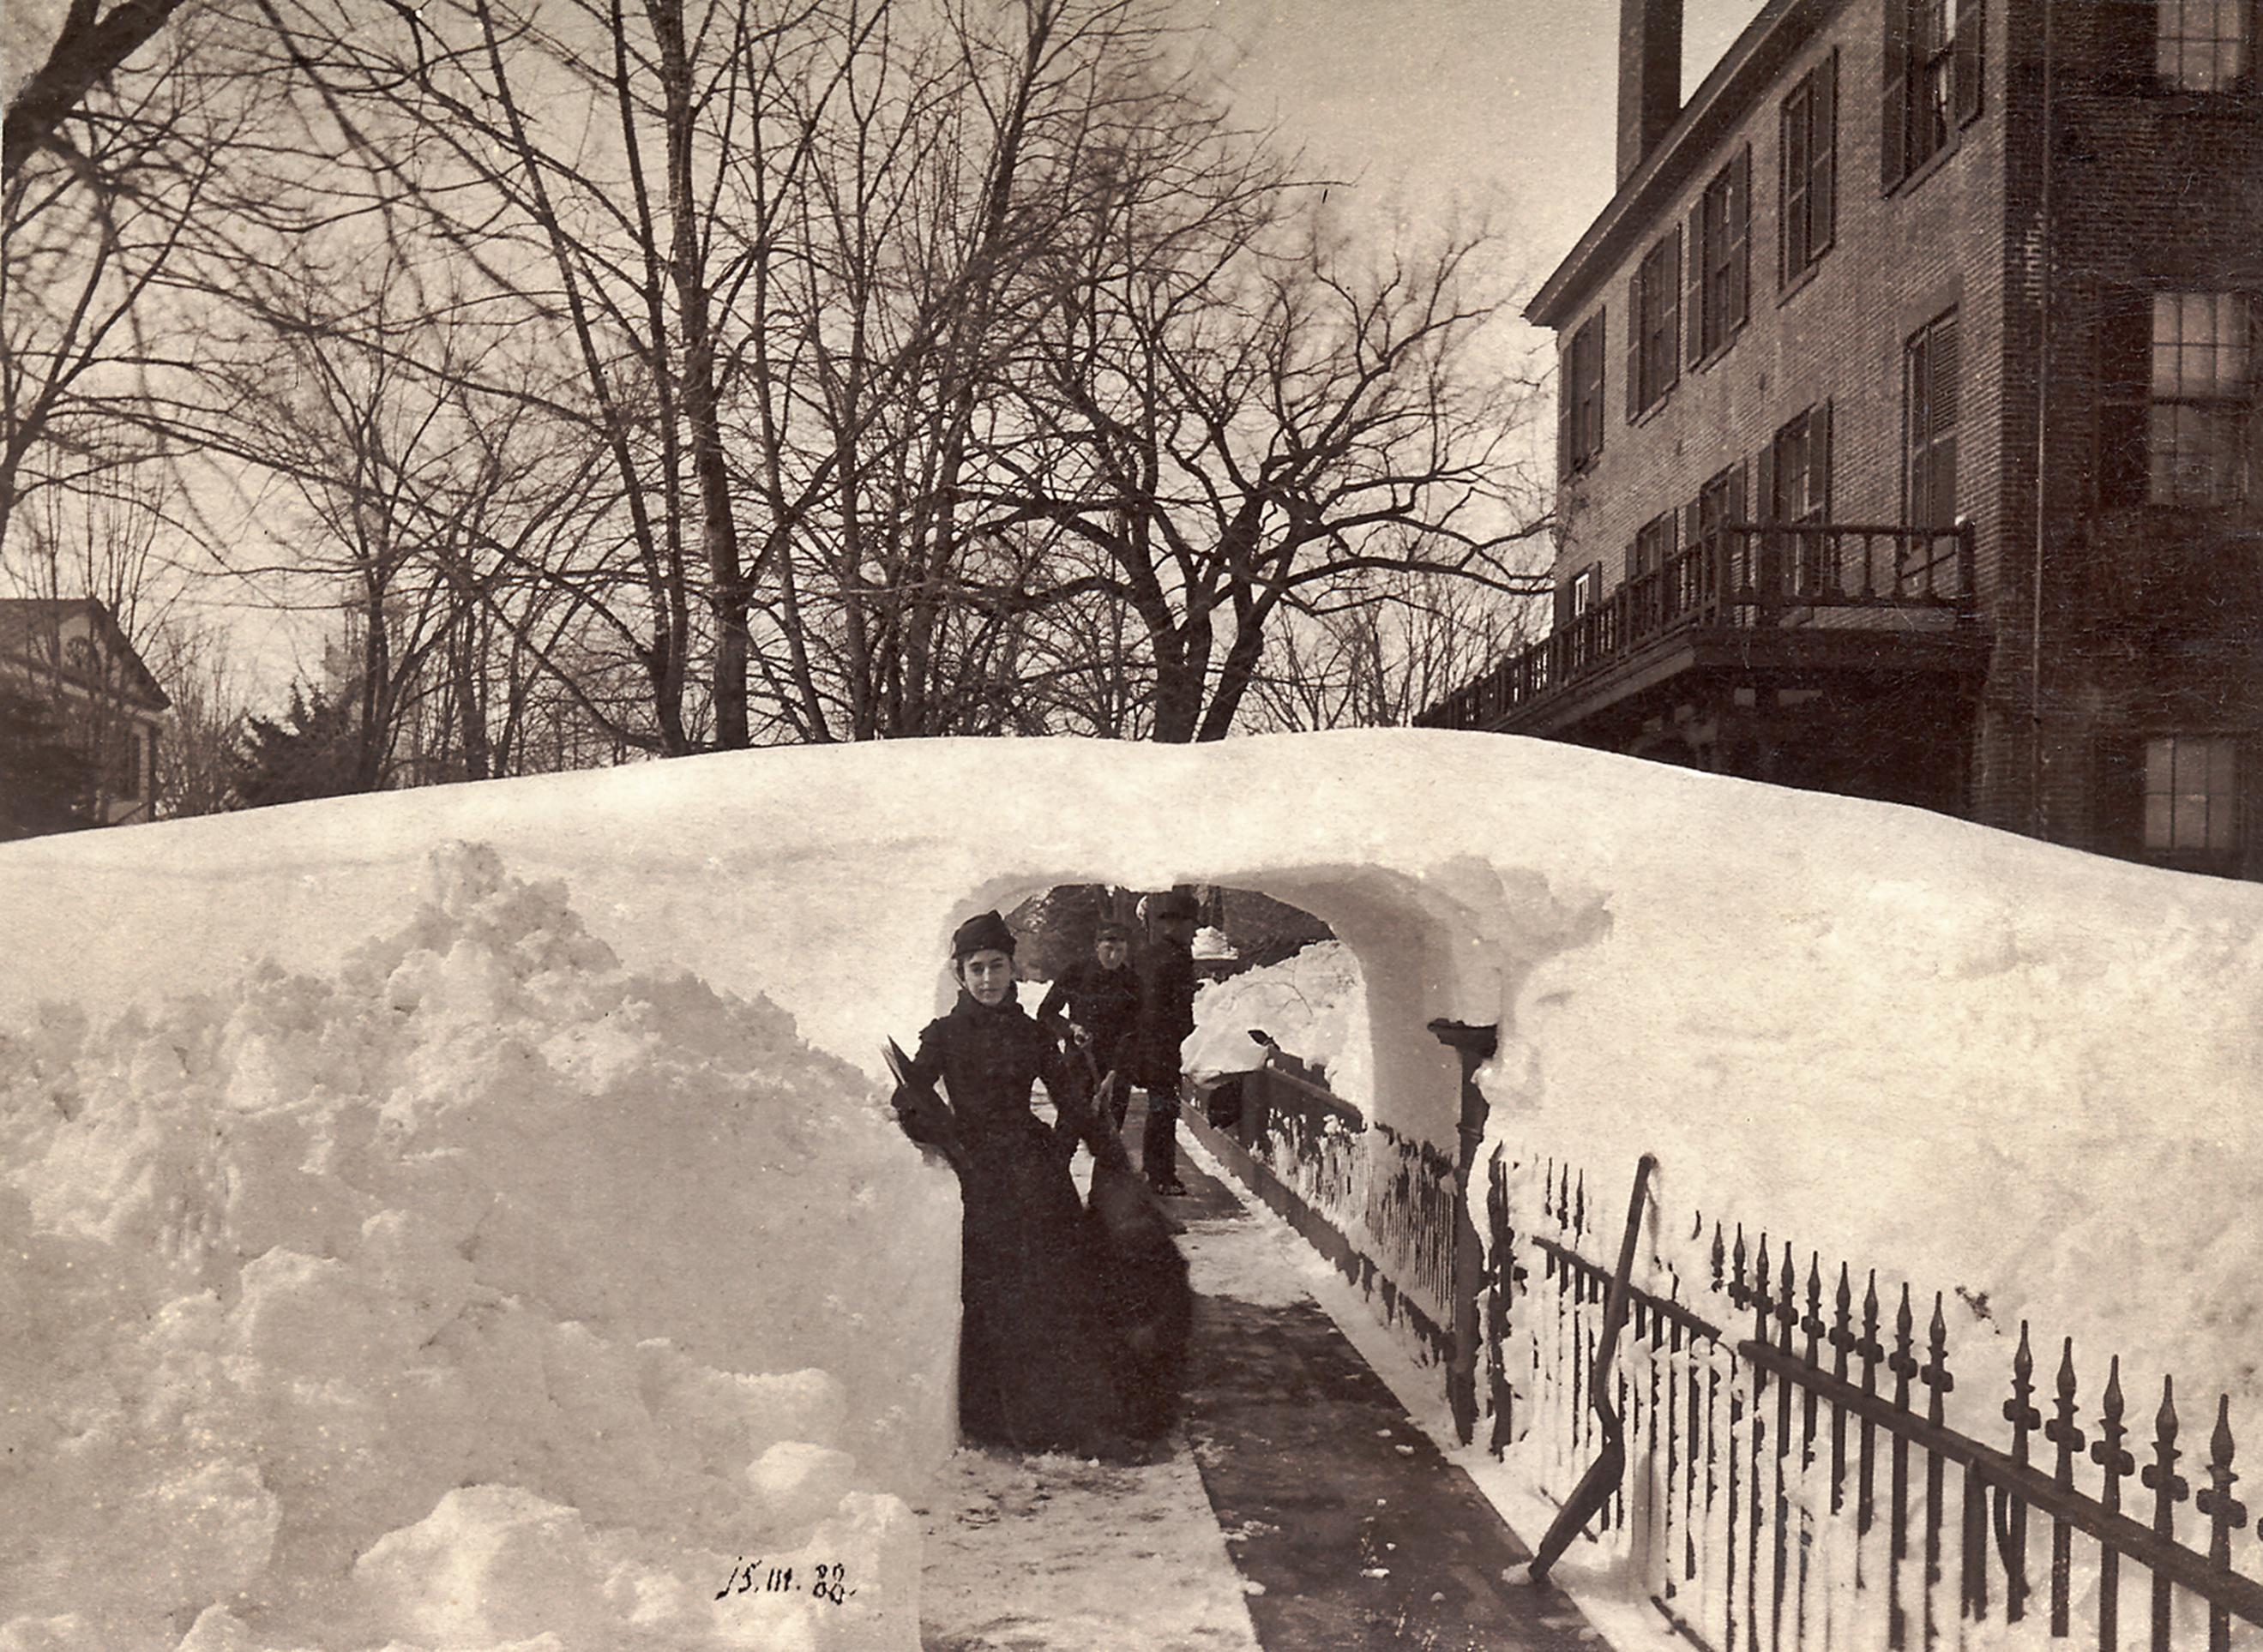 Connecticut, 1888